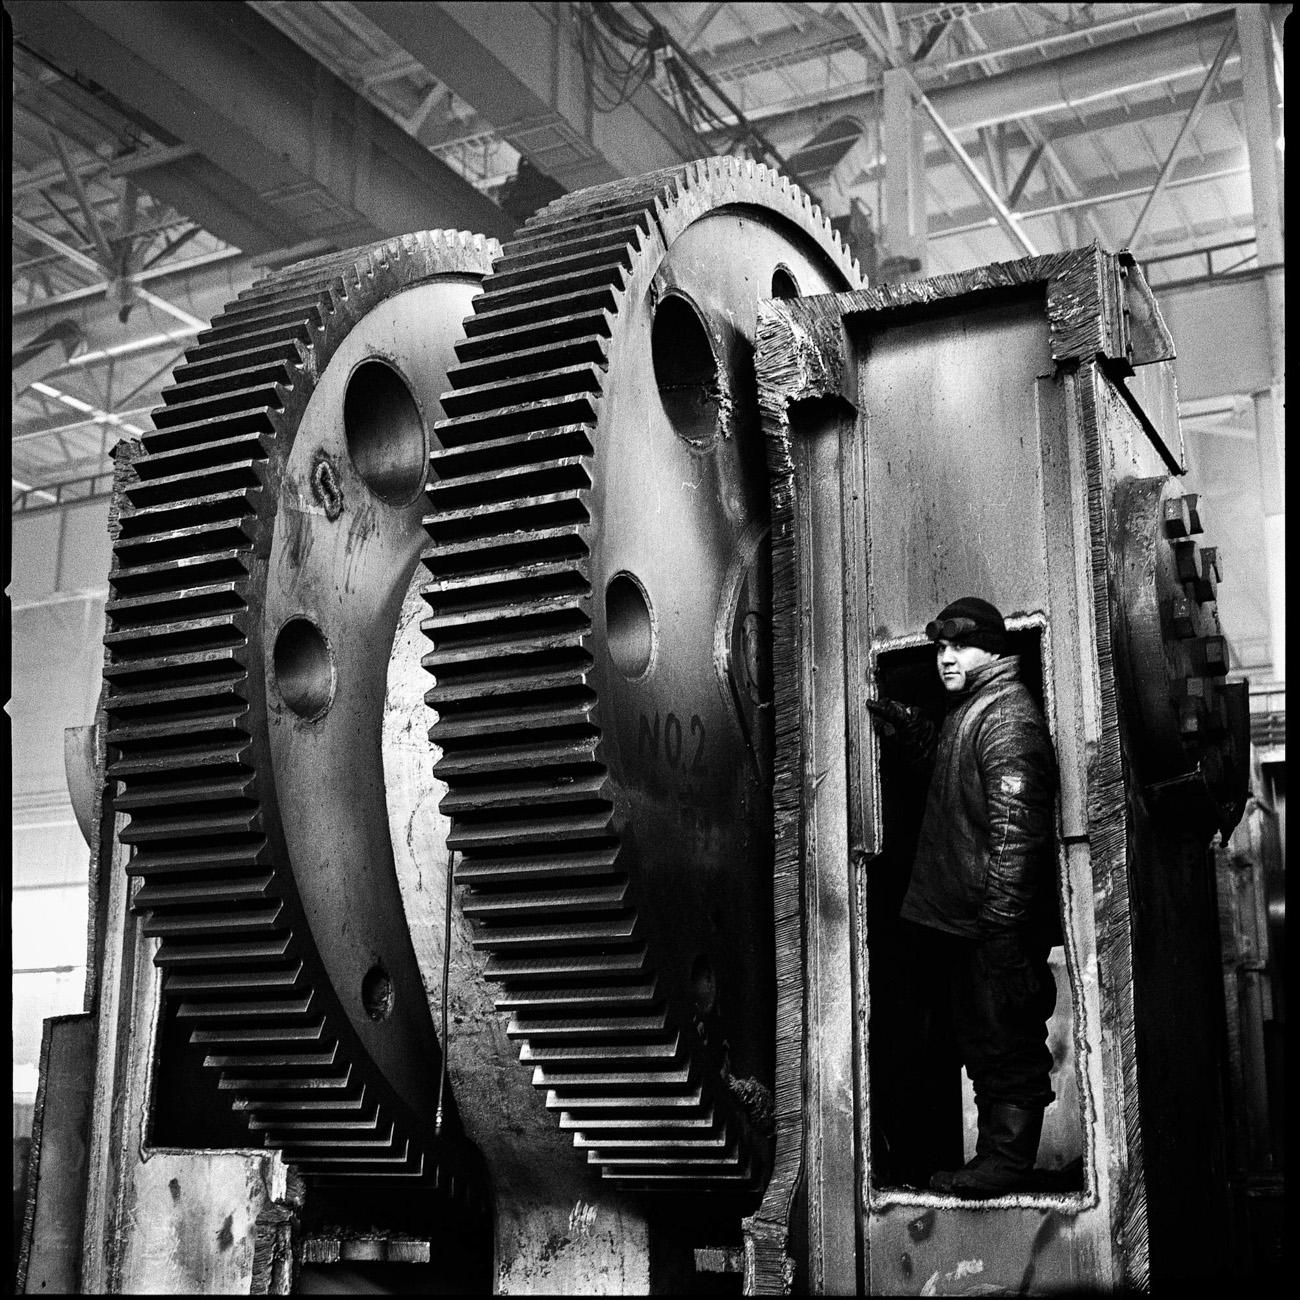 Oggi le officine della fabbrica sono state smantellate, e la storia dell'impianto rivive solo attraverso le fotografie